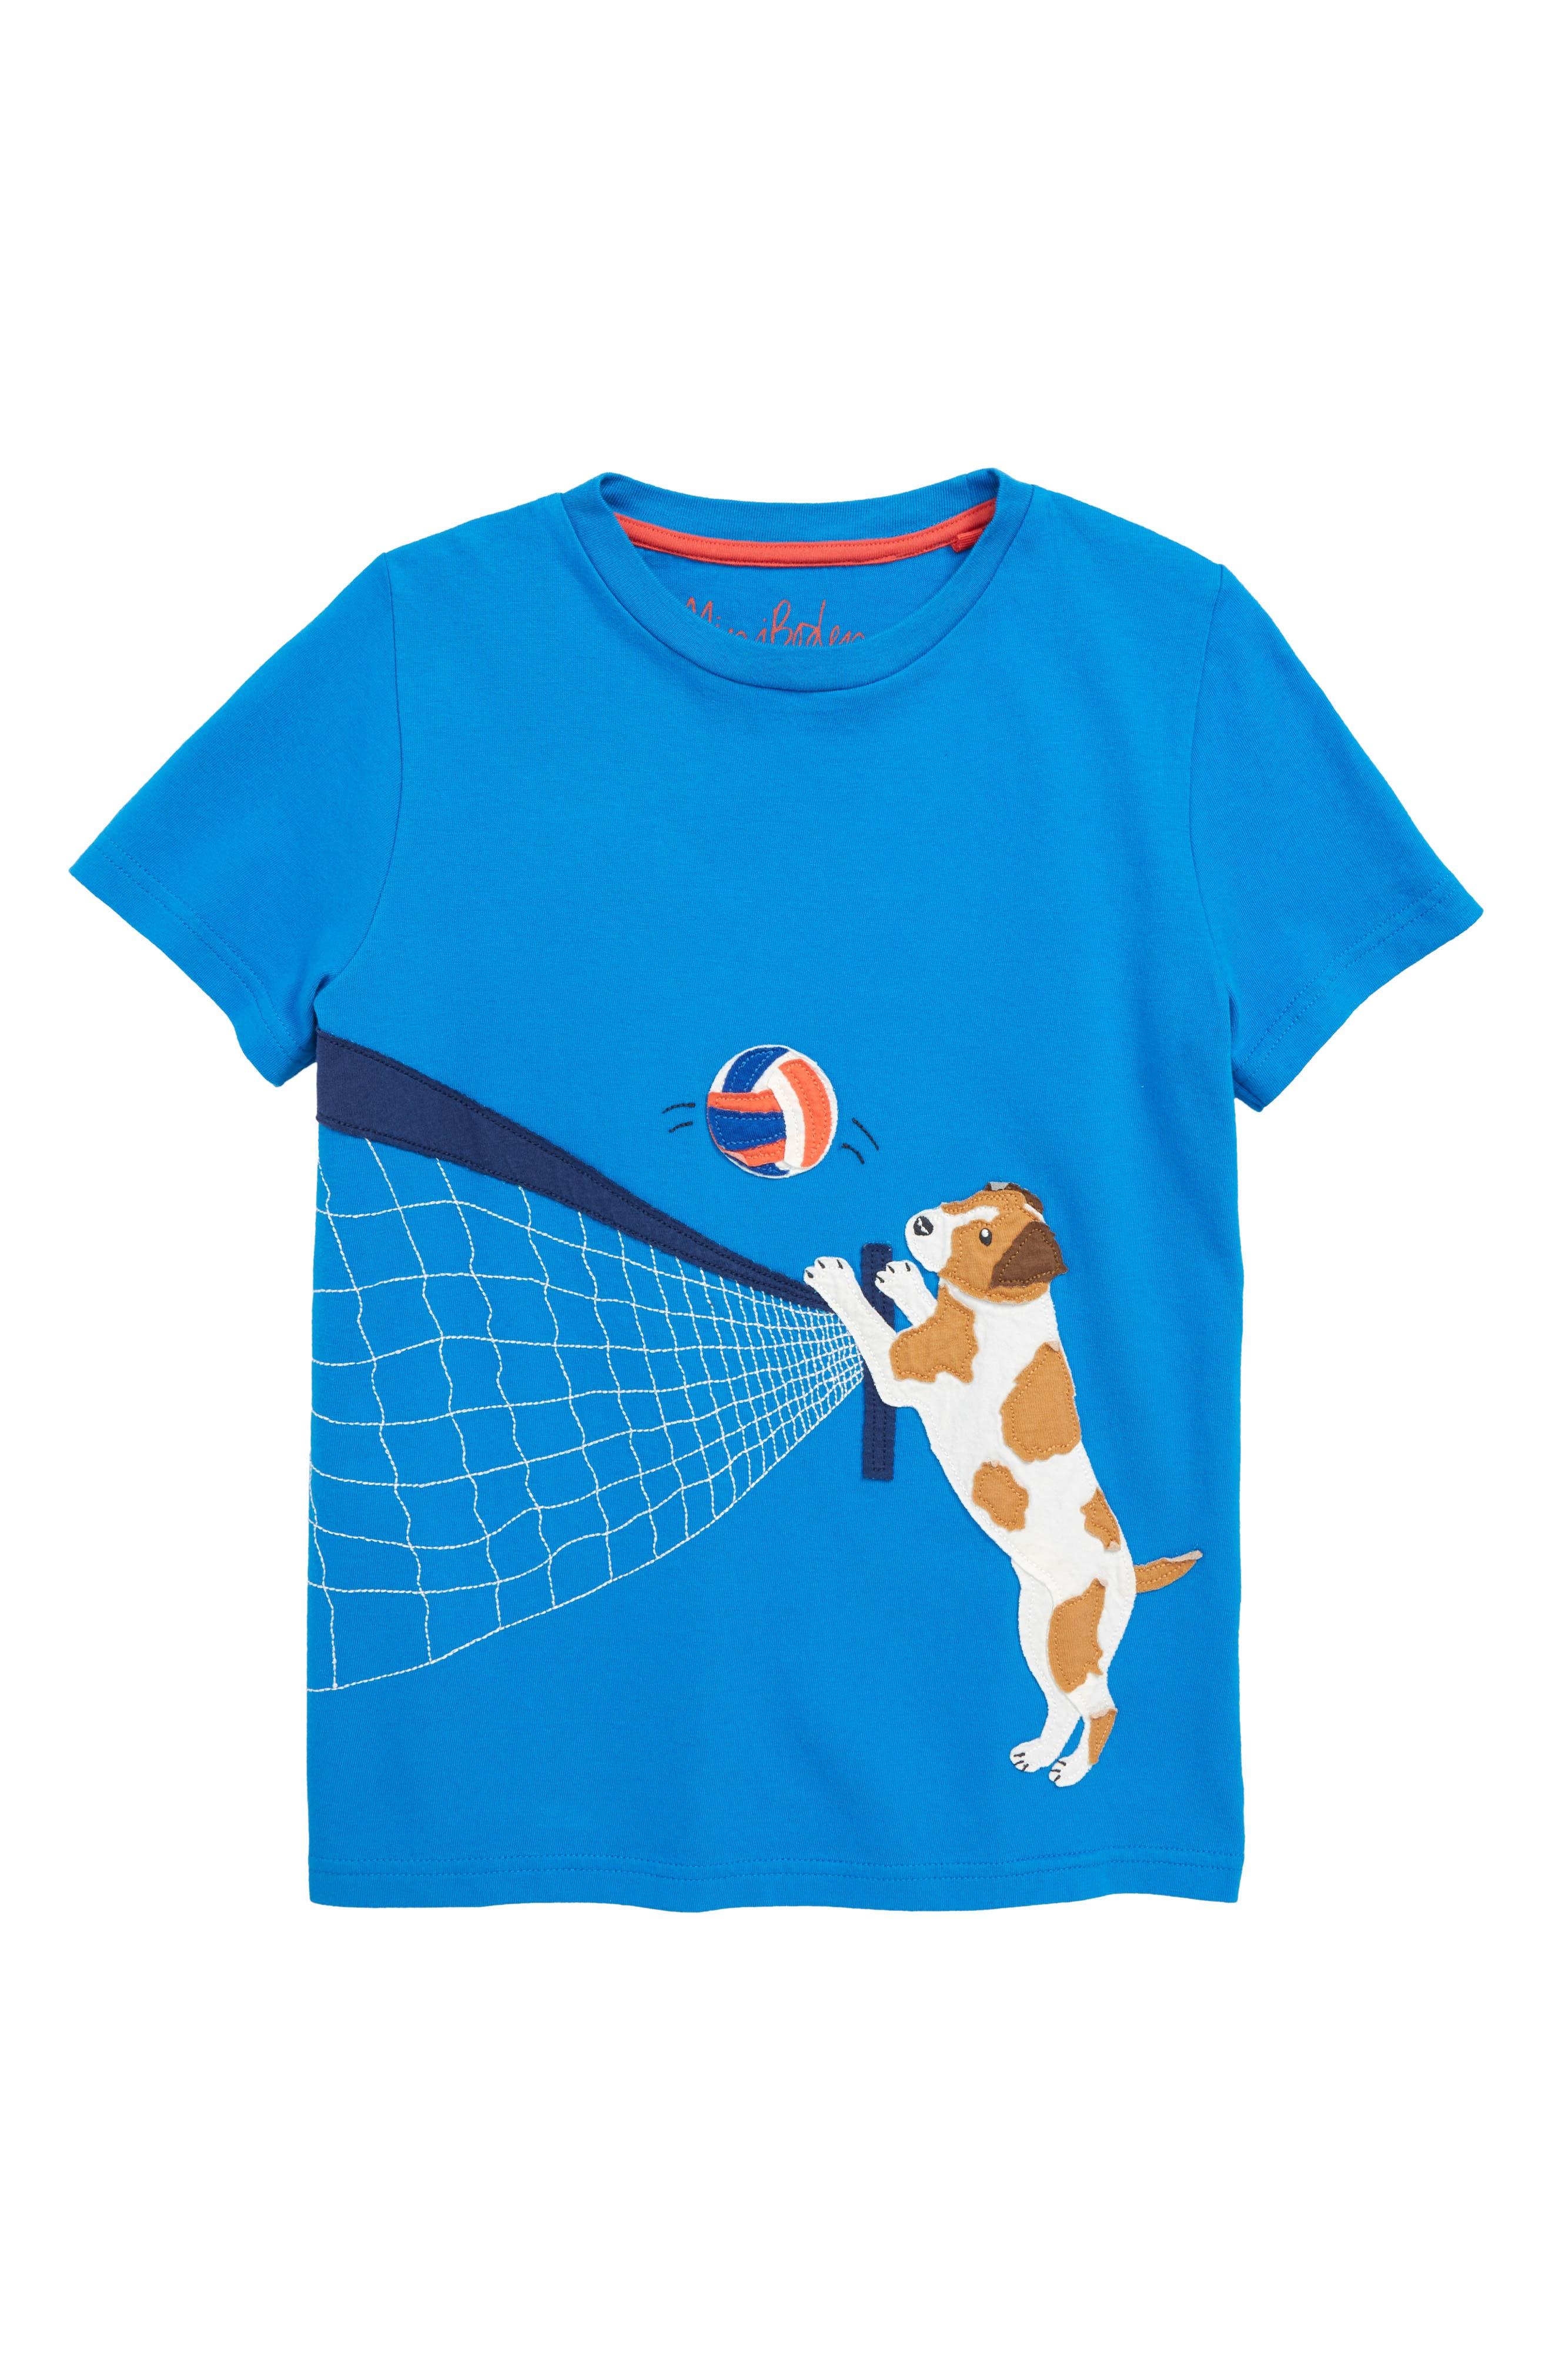 Beach Sports Appliqué T-Shirt,                             Main thumbnail 1, color,                             Yogo Blue Volleyball